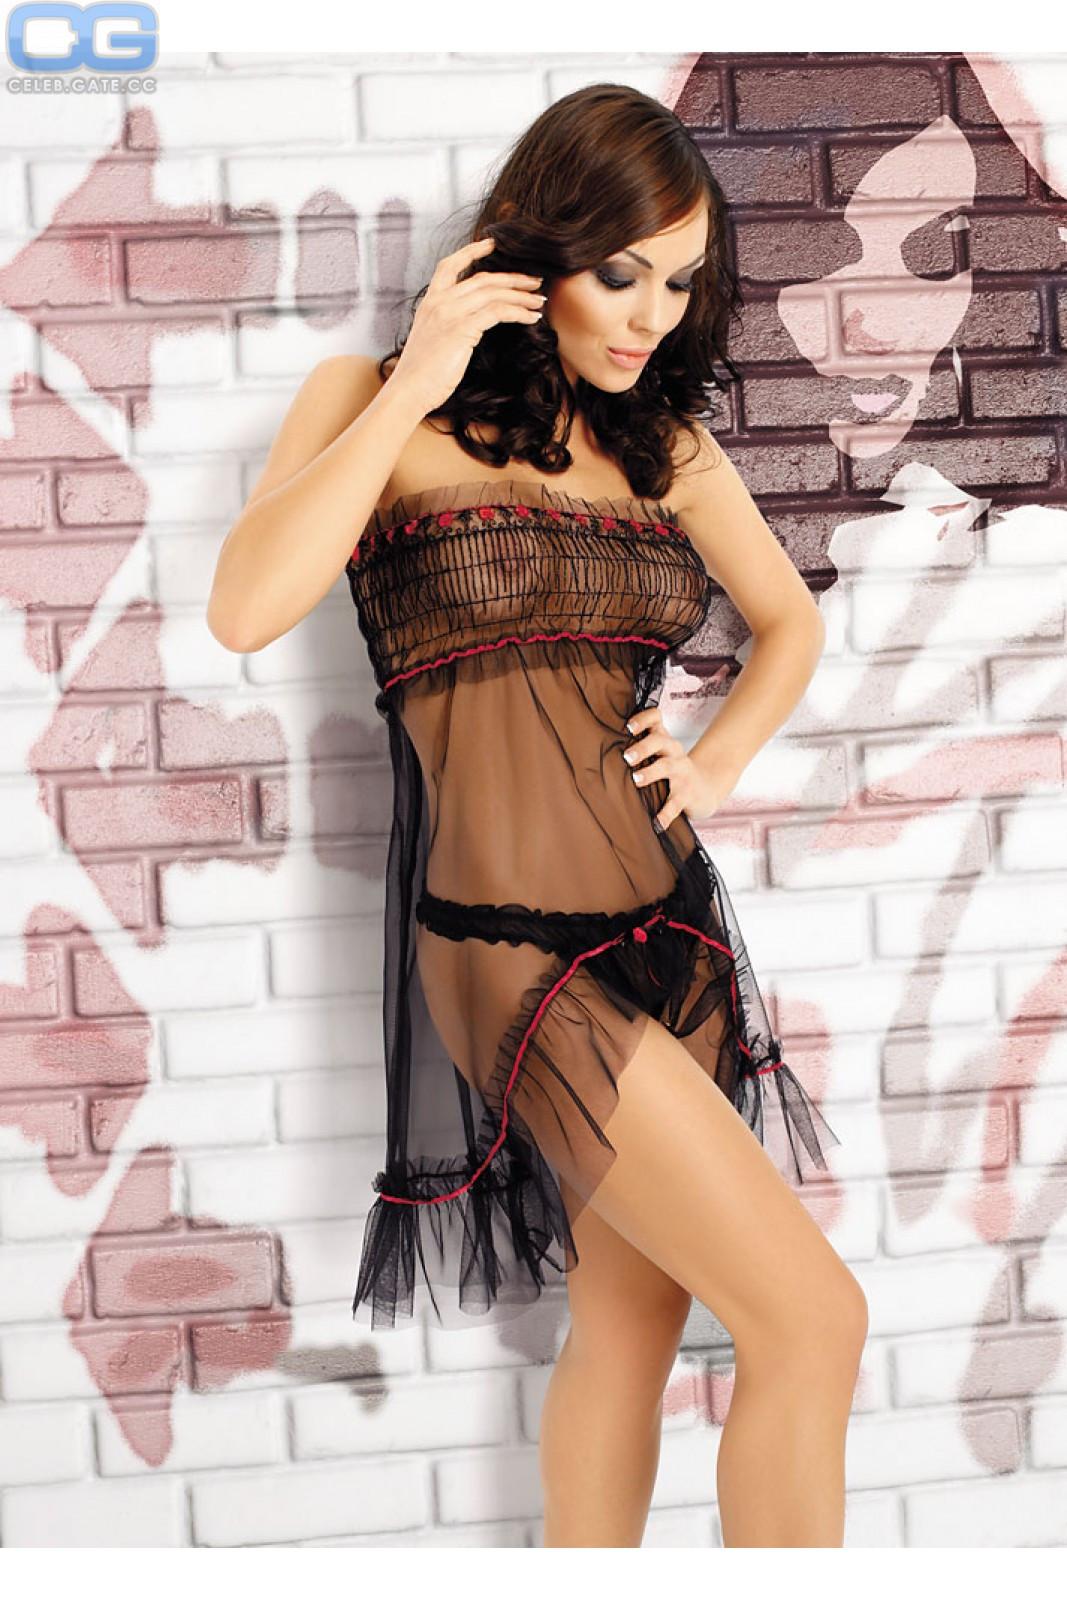 Gut nackt Marta  Beautiful nackt